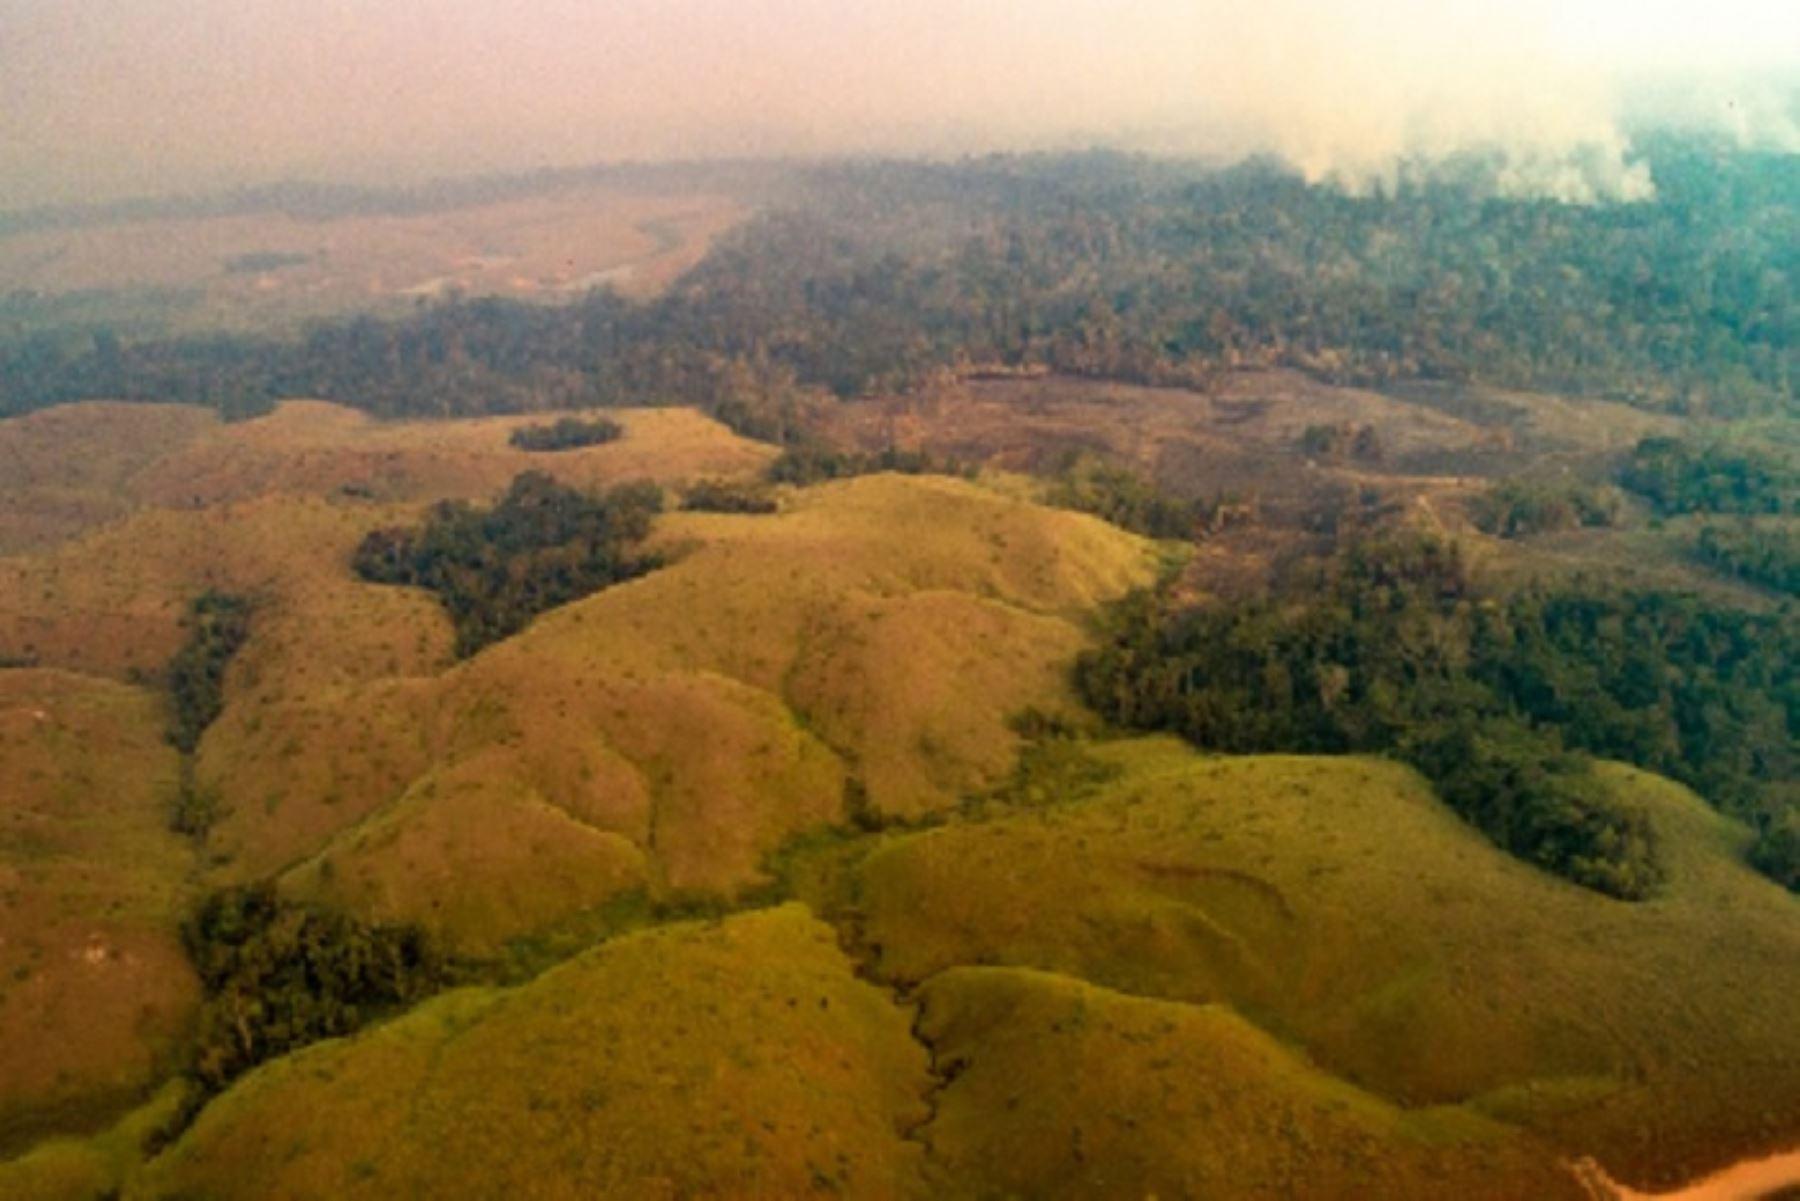 Piden declarar en emergencia la provincia de Tahuamanu — Incendio forestal